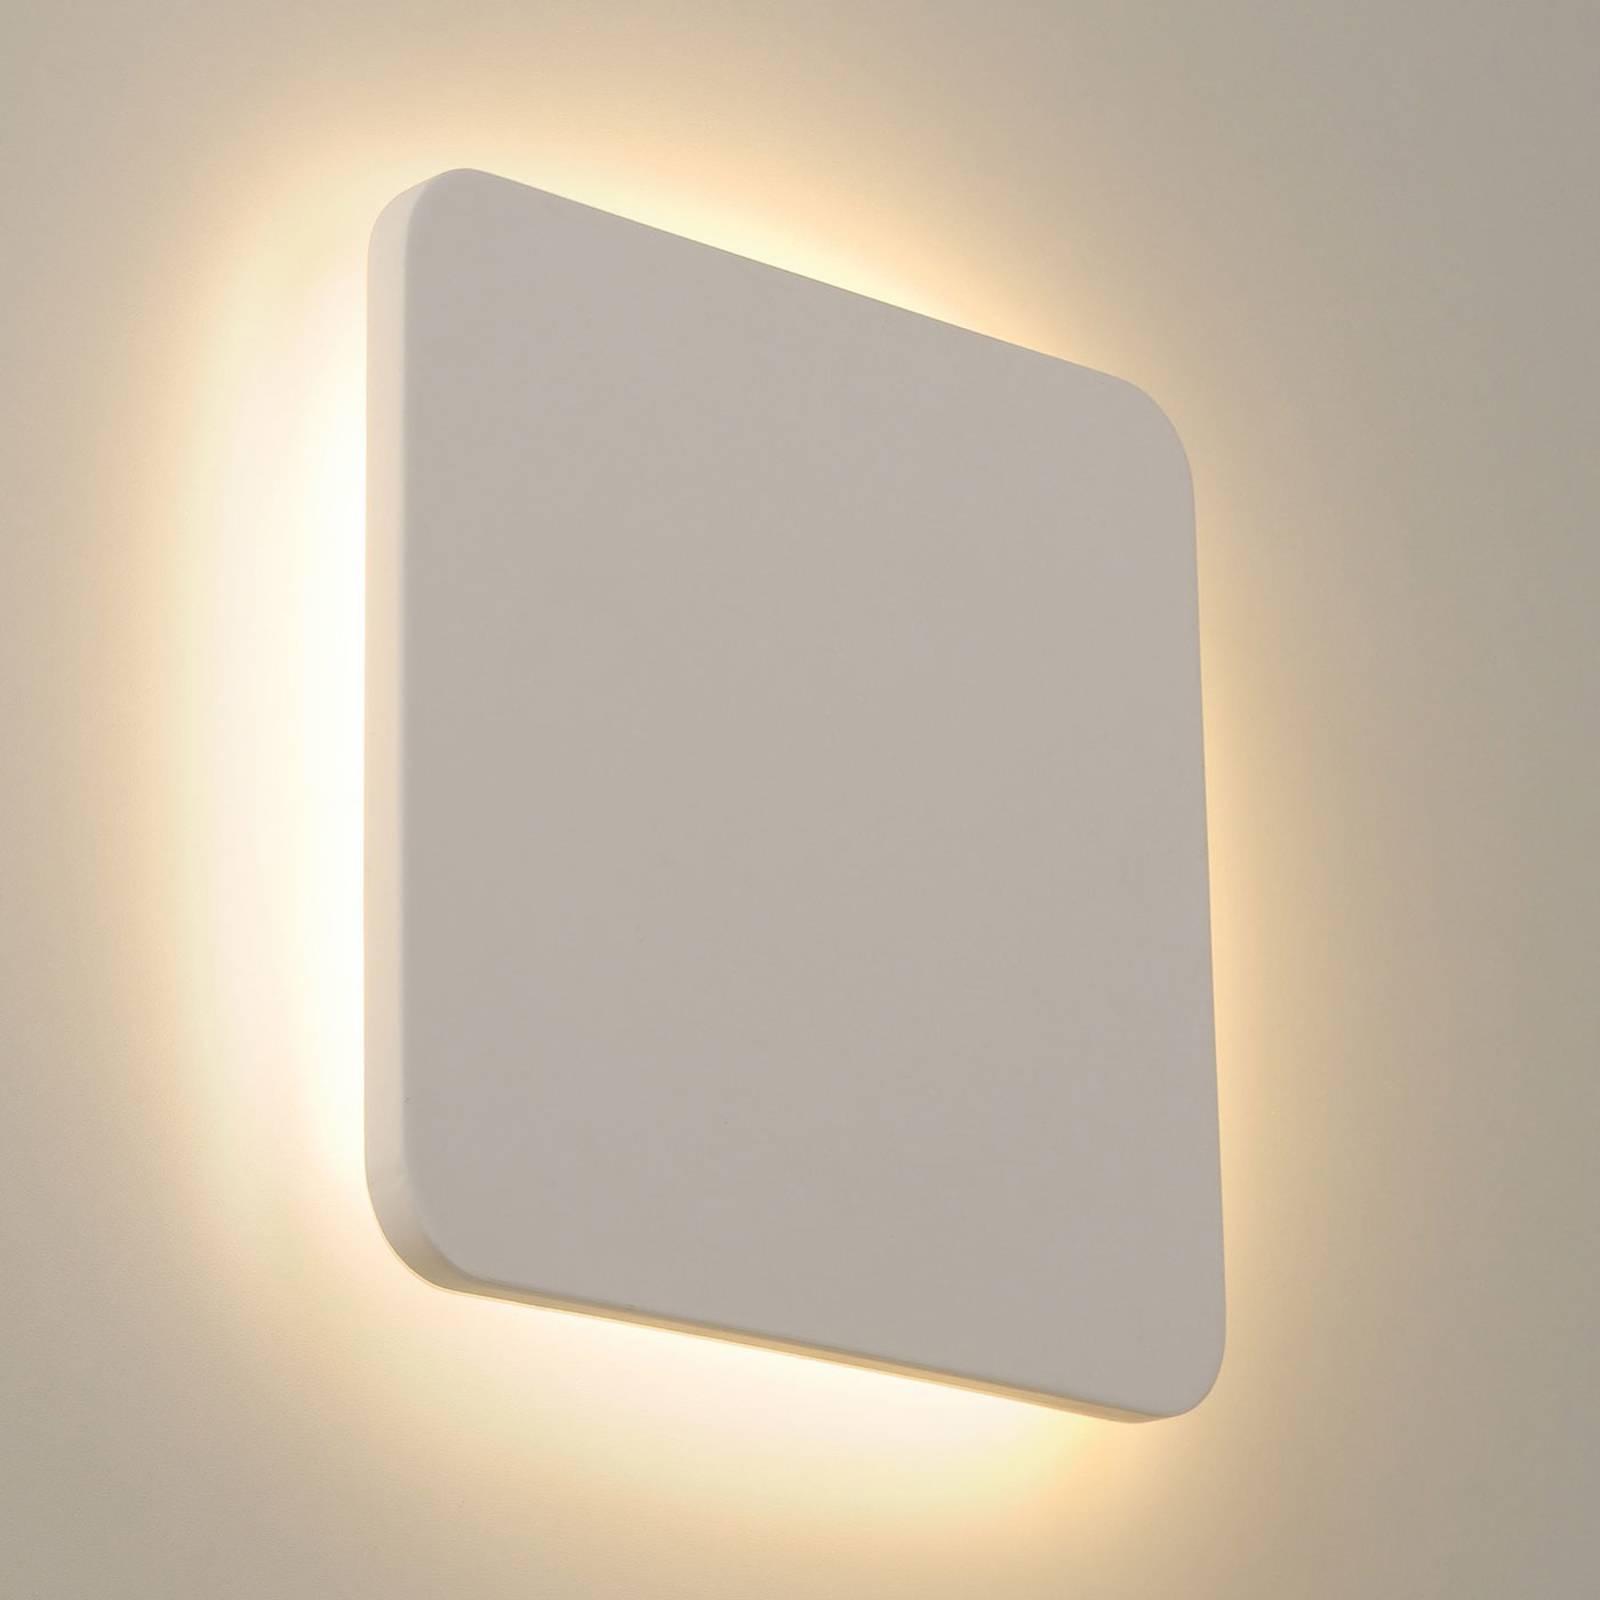 SLV Plastra -LED-seinävalaisin kipsiä, 30 x 30 cm